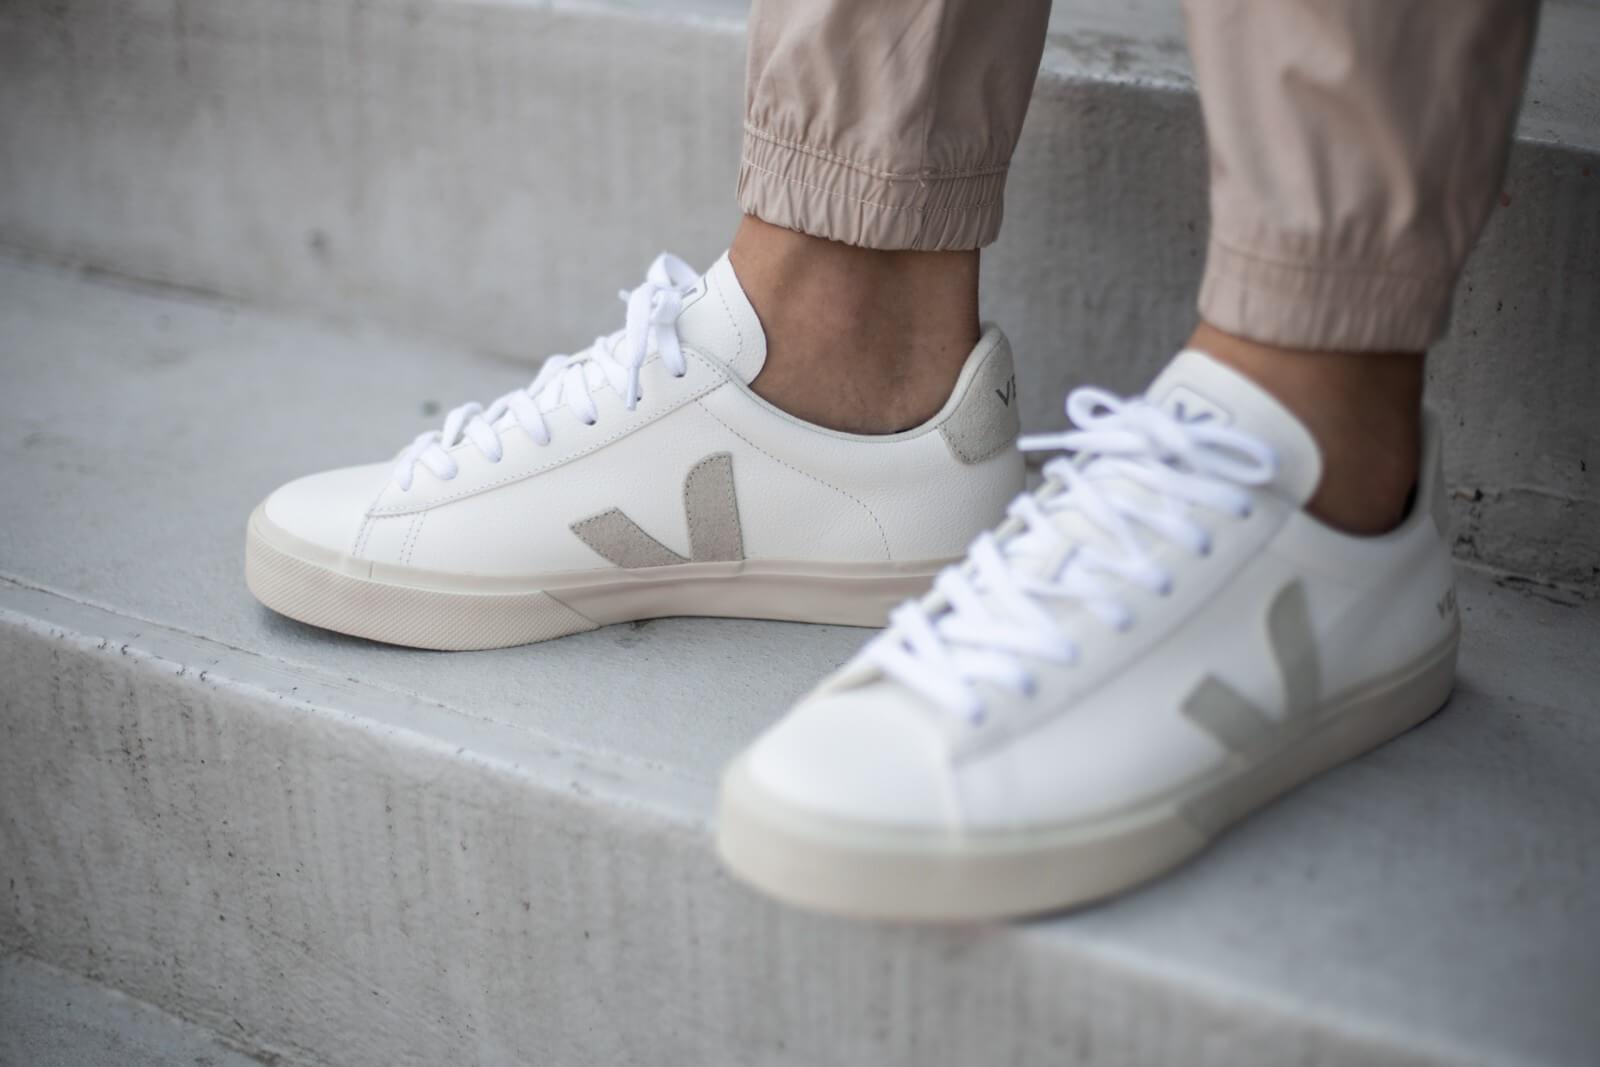 Veja Campo Chromefree Extra White